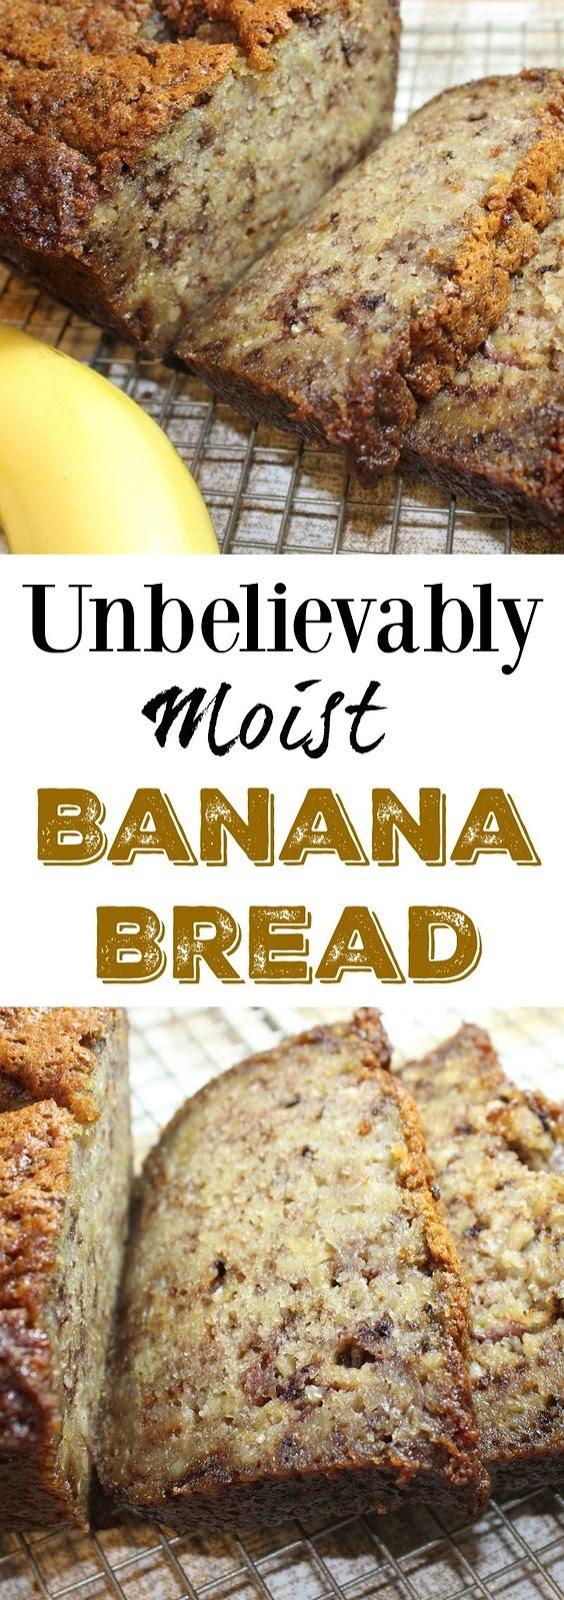 Unbelievably Moist Banana Bread